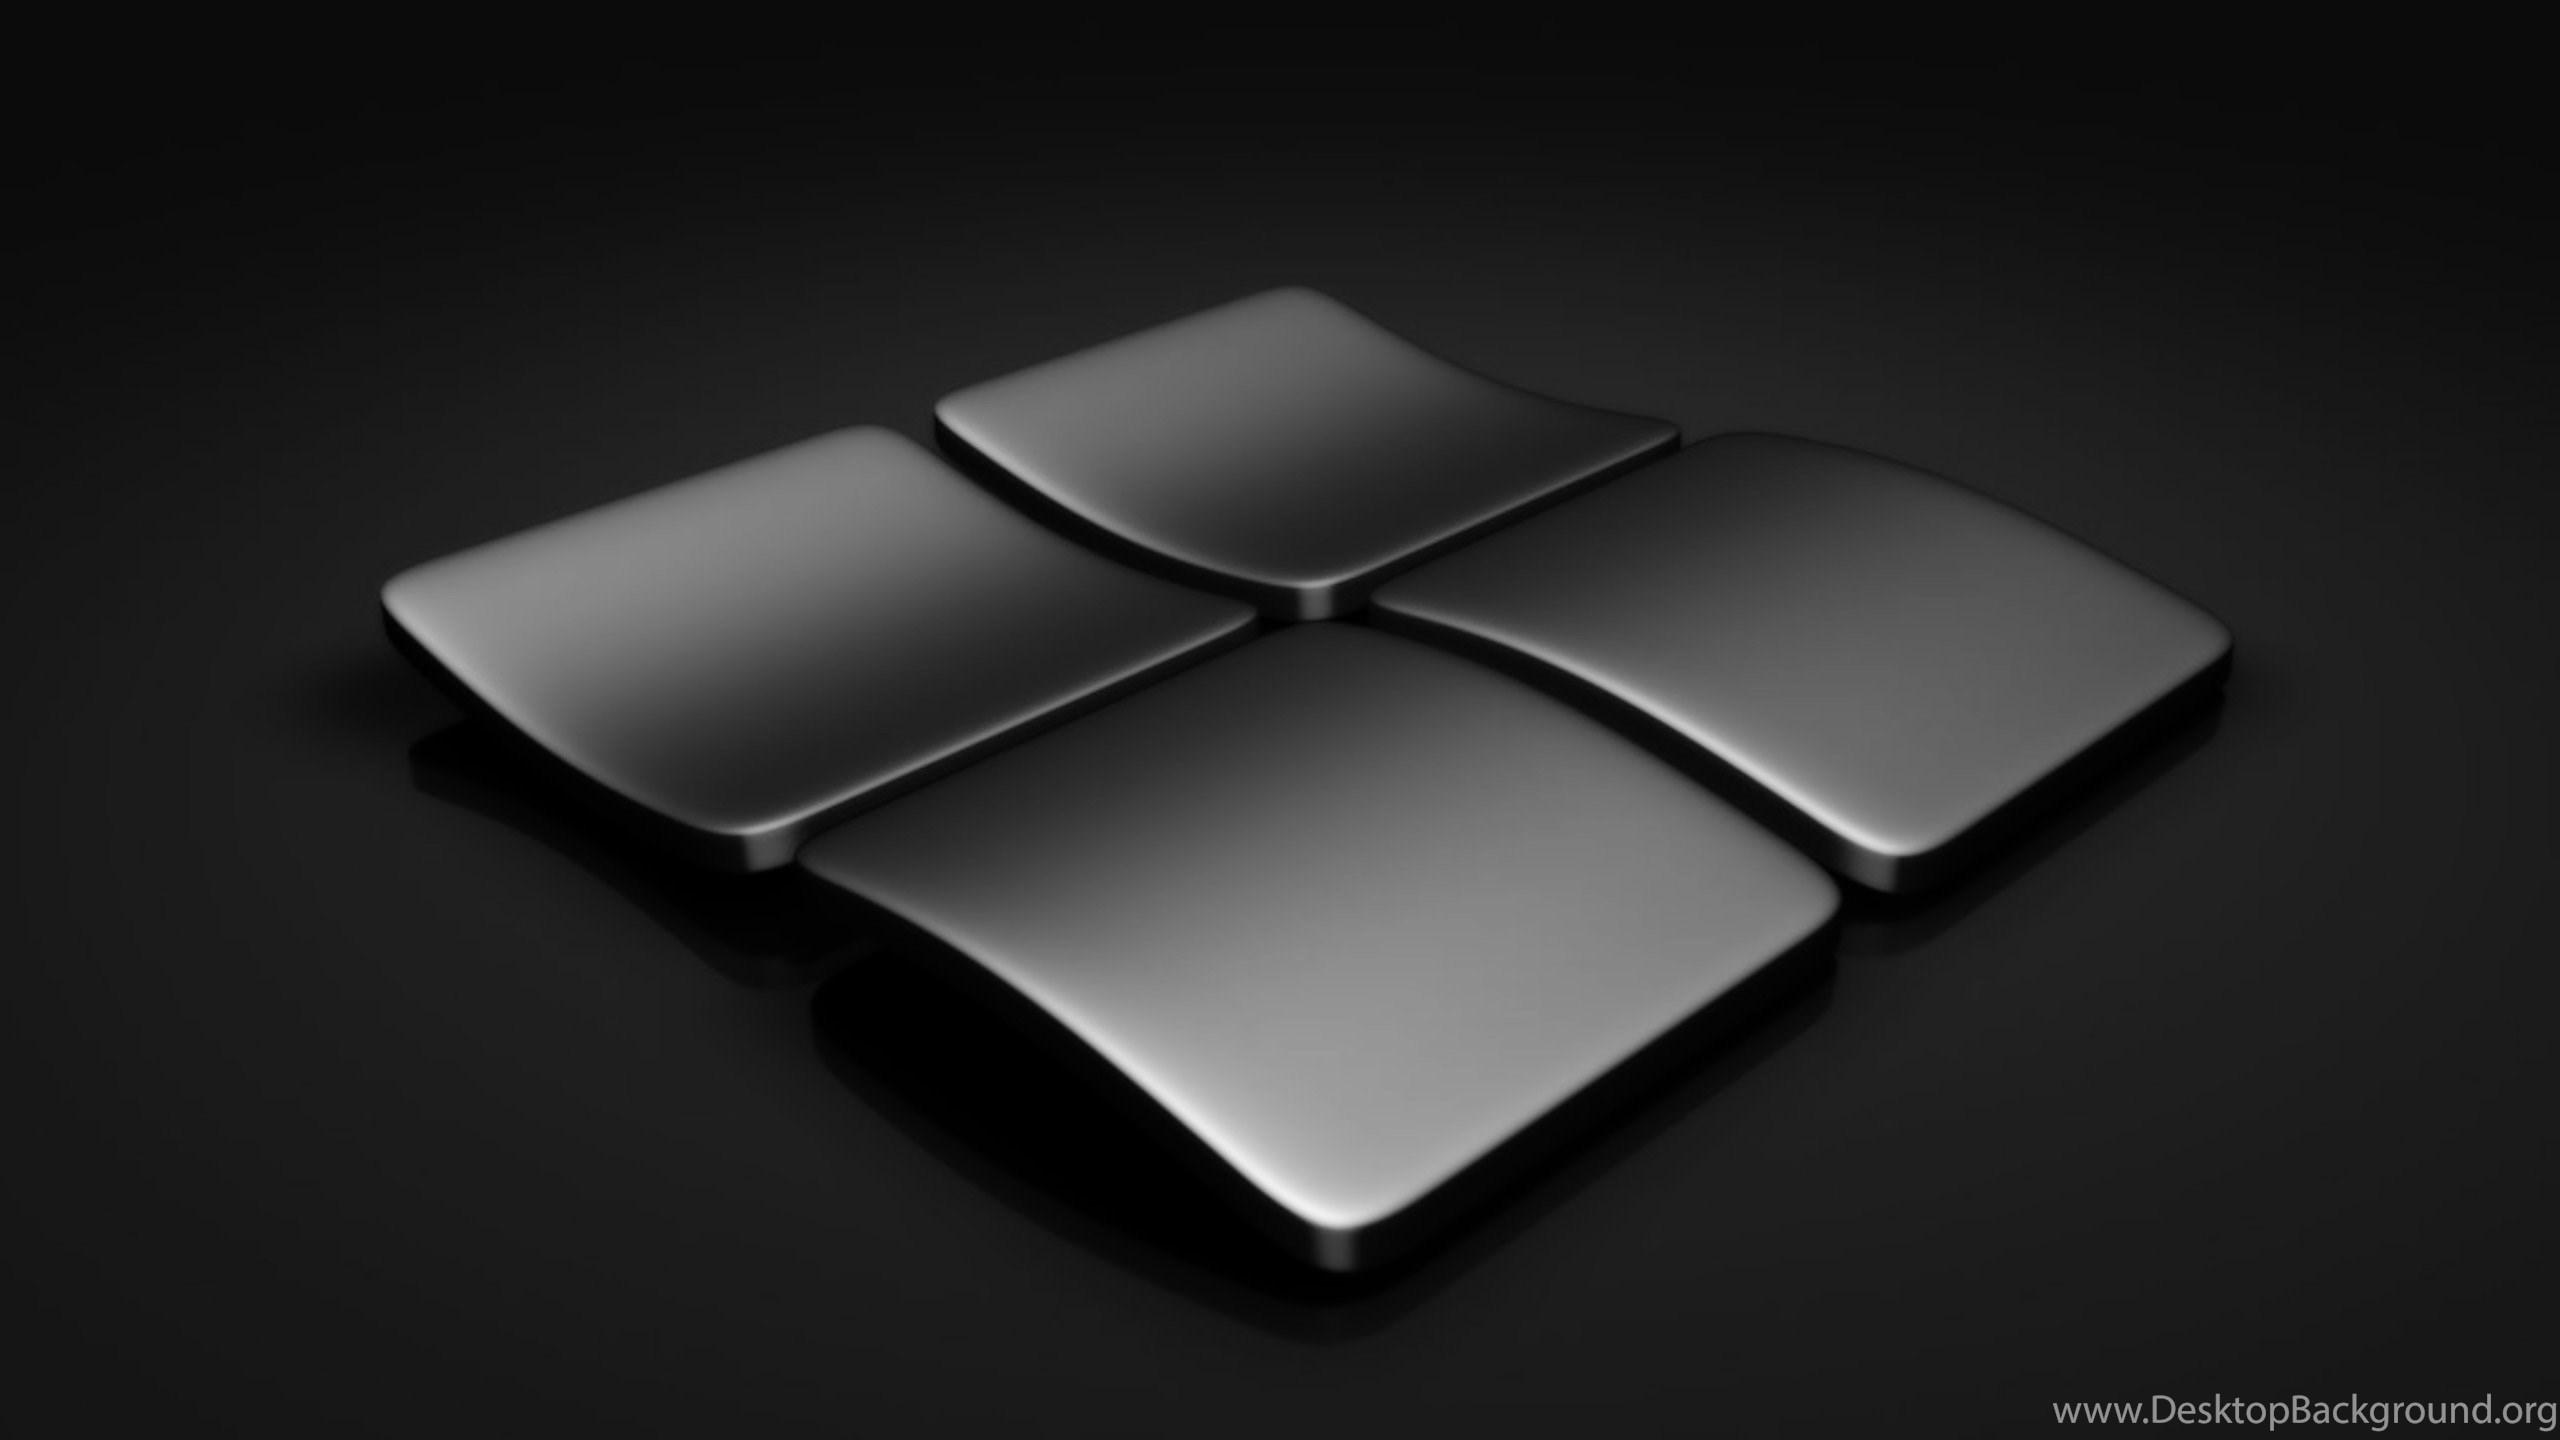 Dark Windows Wallpapers Desktop Background